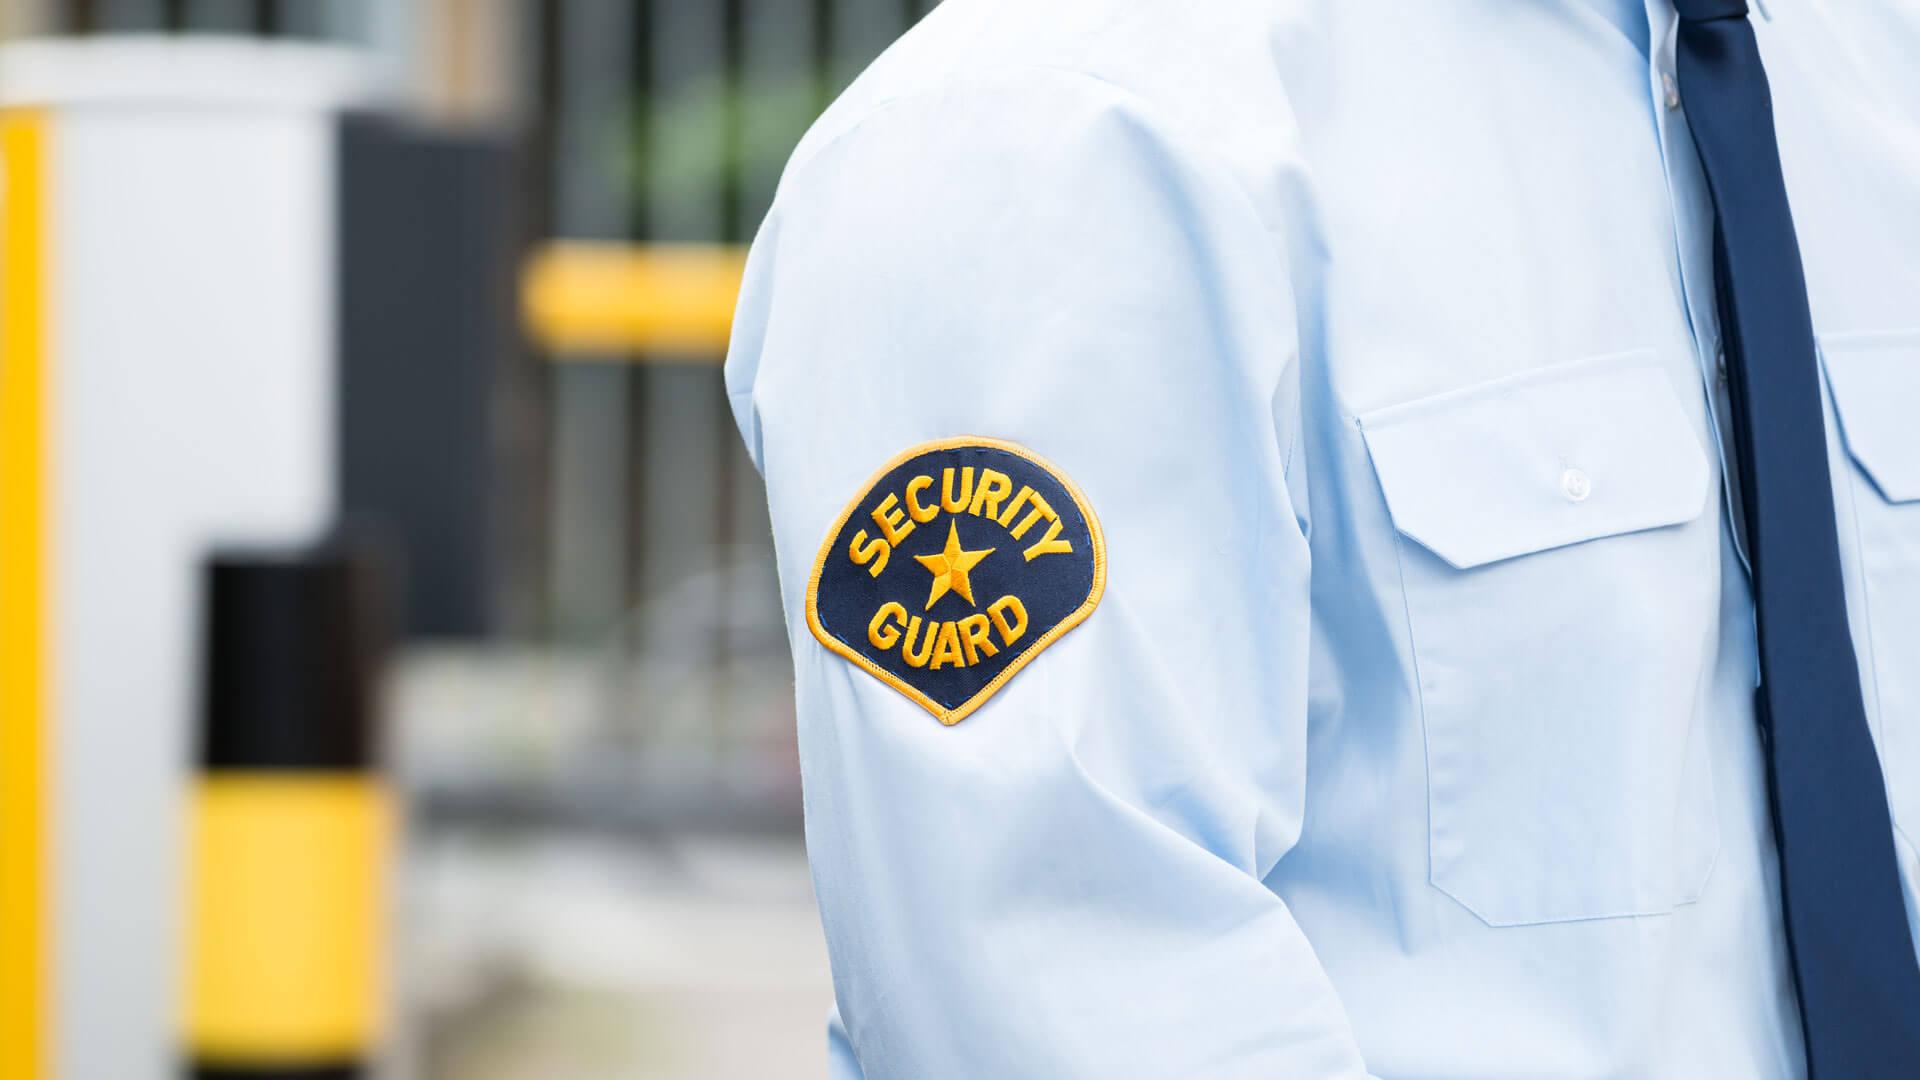 Sicherheitsdienst in Uniform